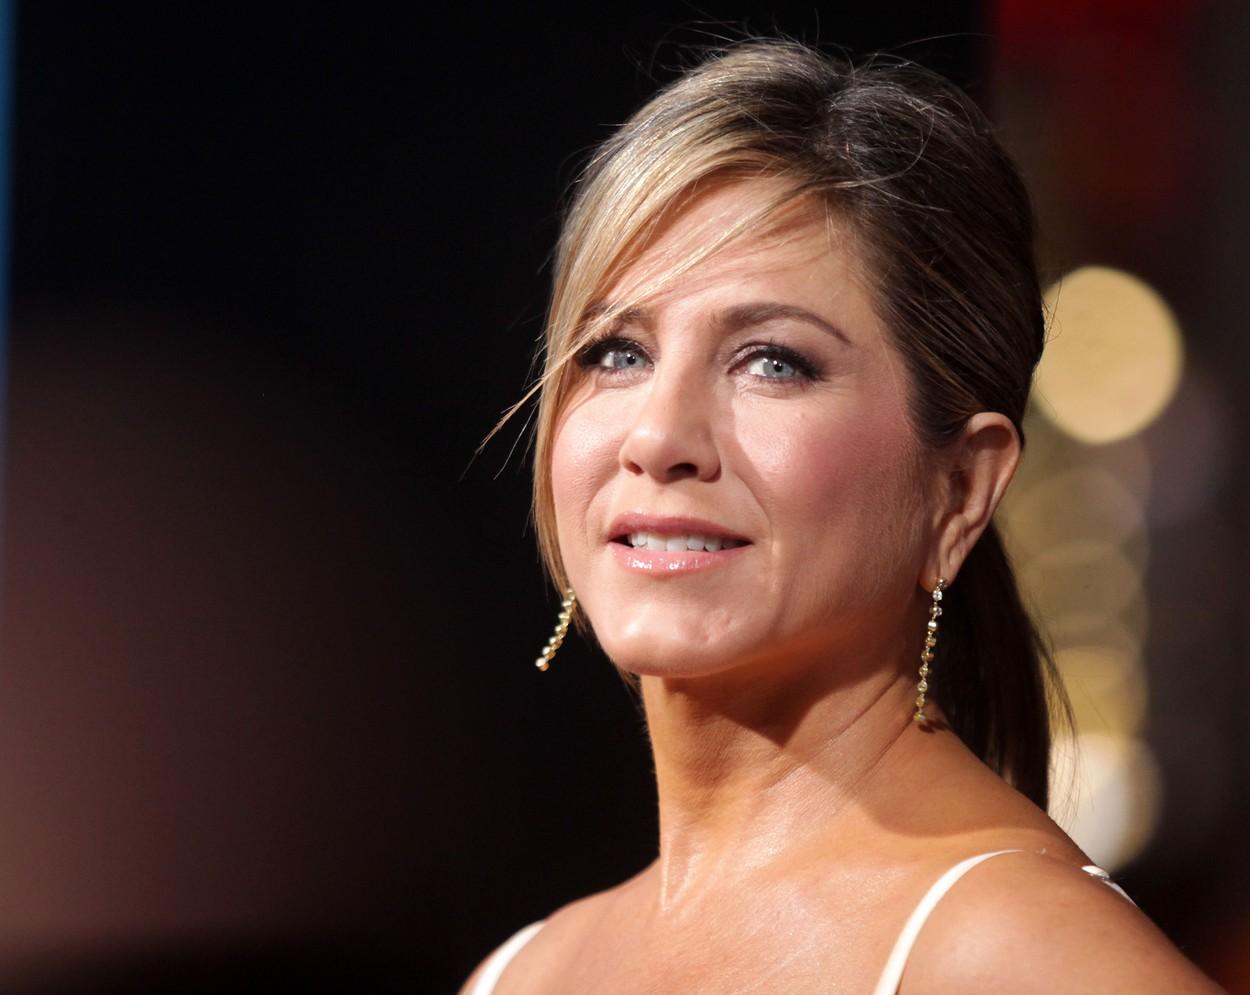 Jennifer Aniston, fotografiată pe covorul roșu, la un eveniment monden